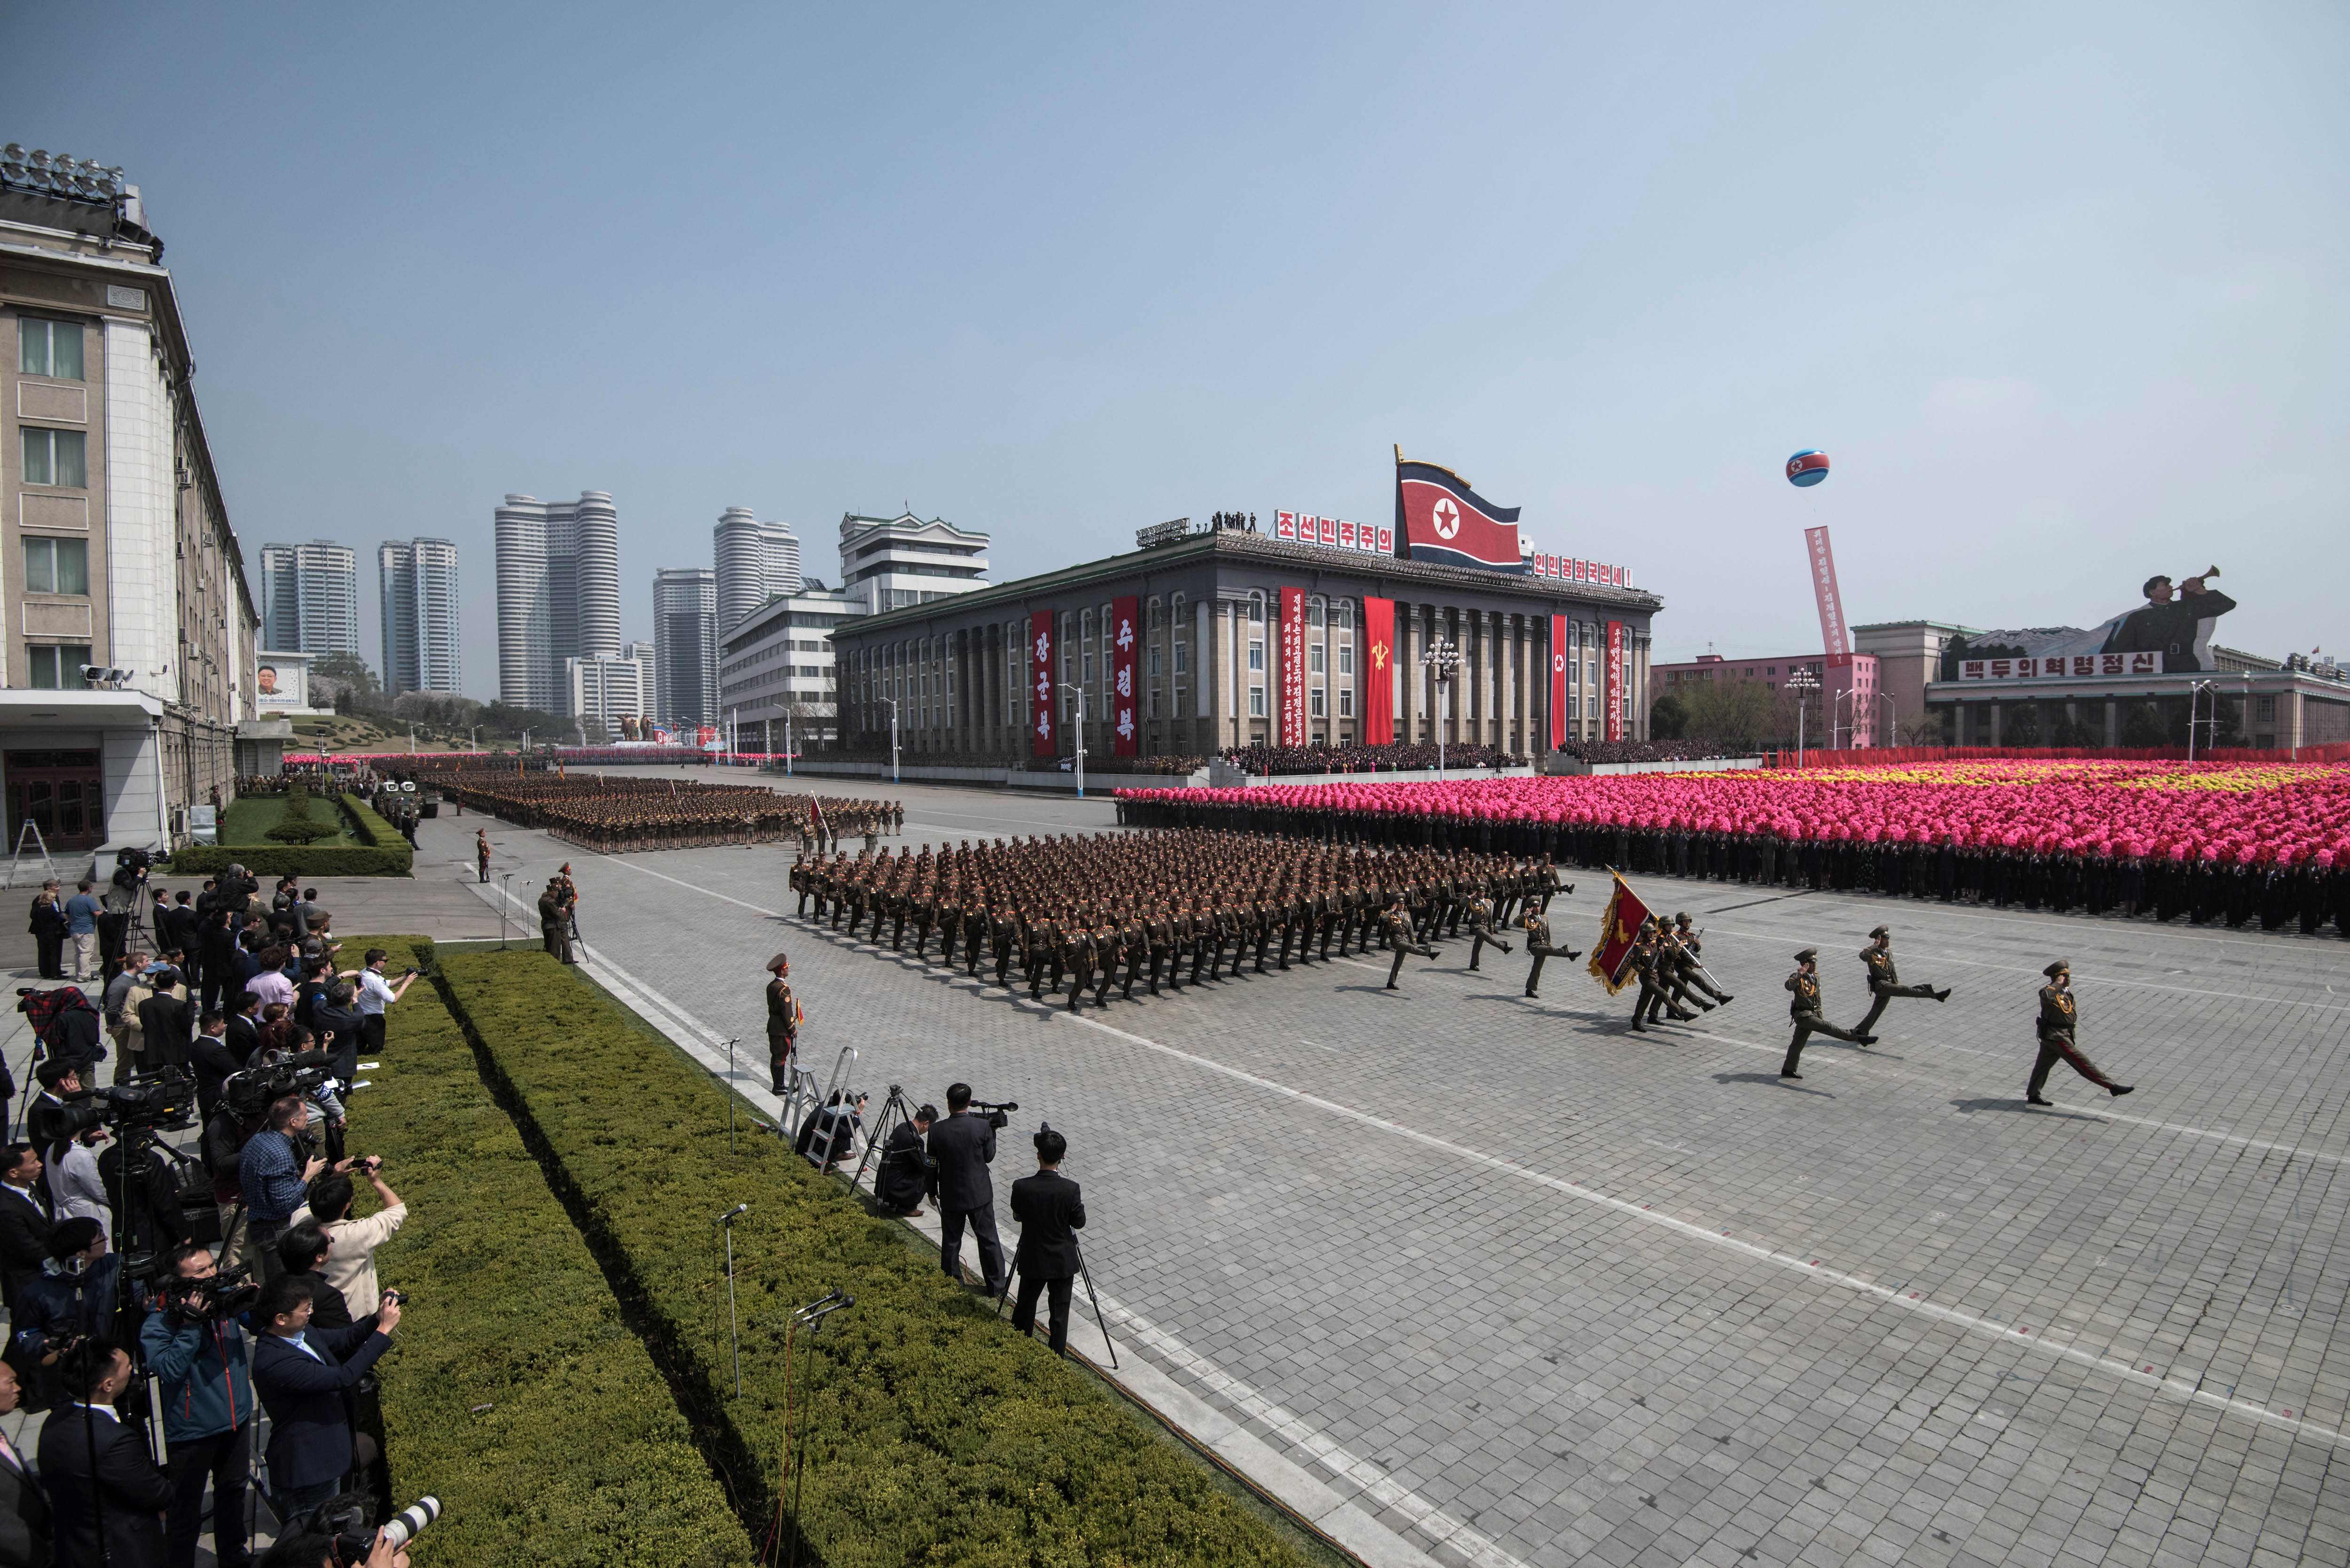 عرض عسكرى بمناسبة الذكرى الـ 105 لميلاد مؤسس كوريا الشمالية